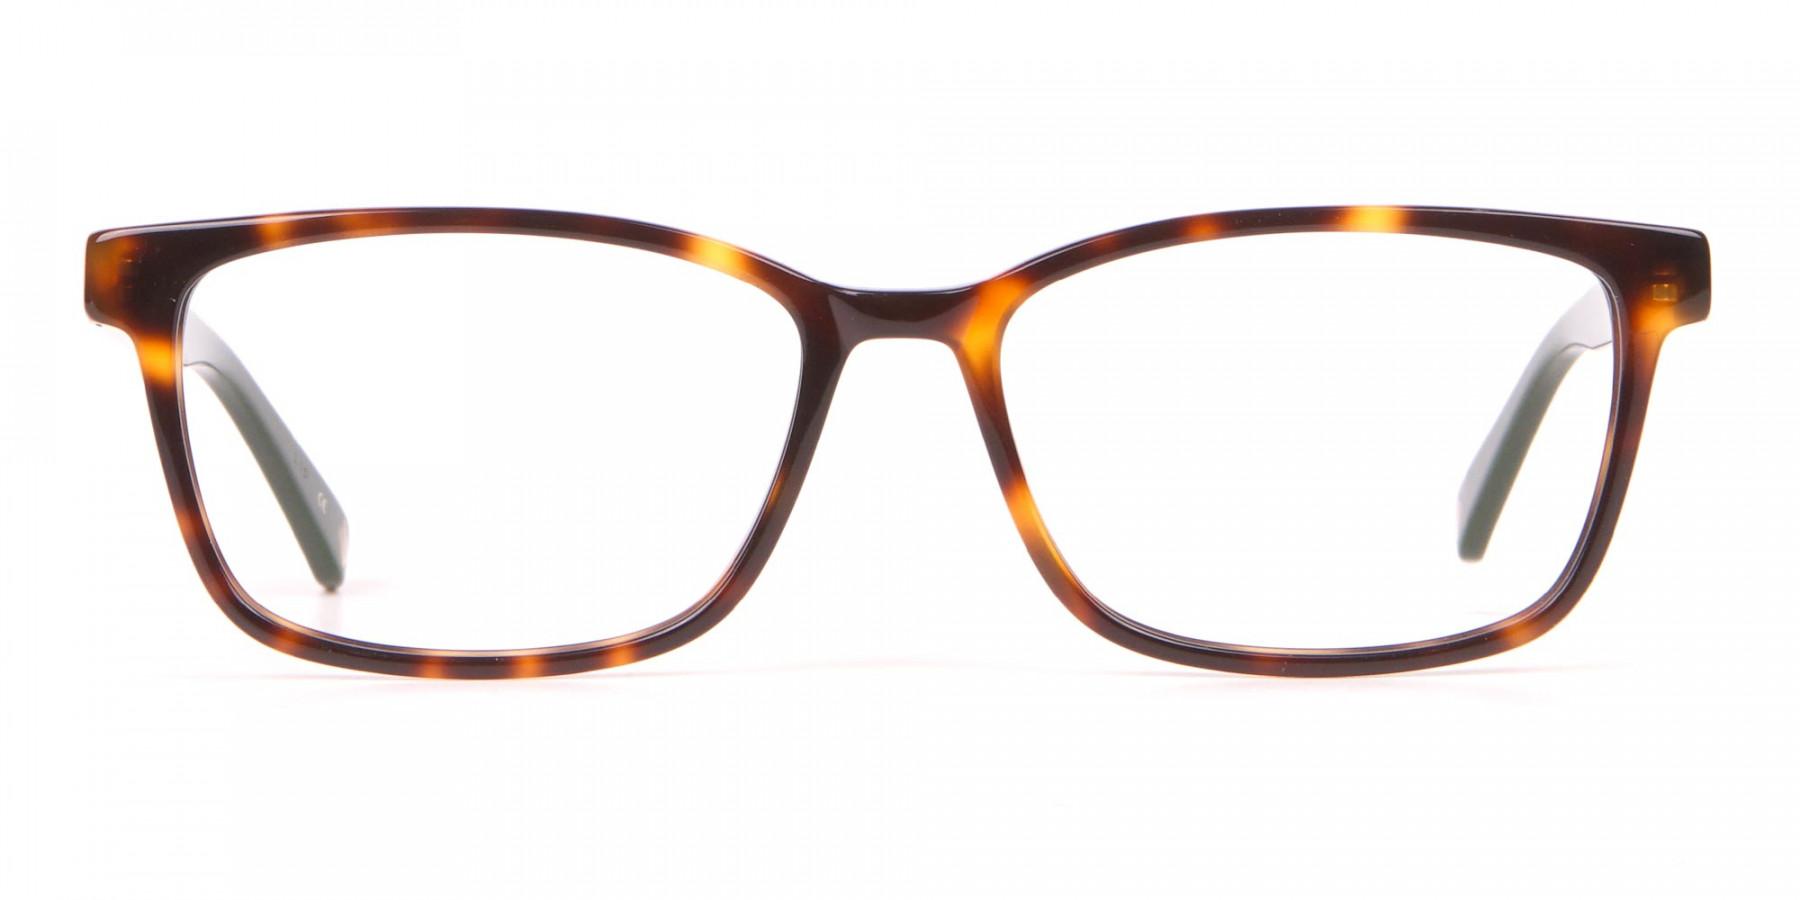 TED BAKER TB2810 FULLER Rectangle Glasses Green & Tortoise-1